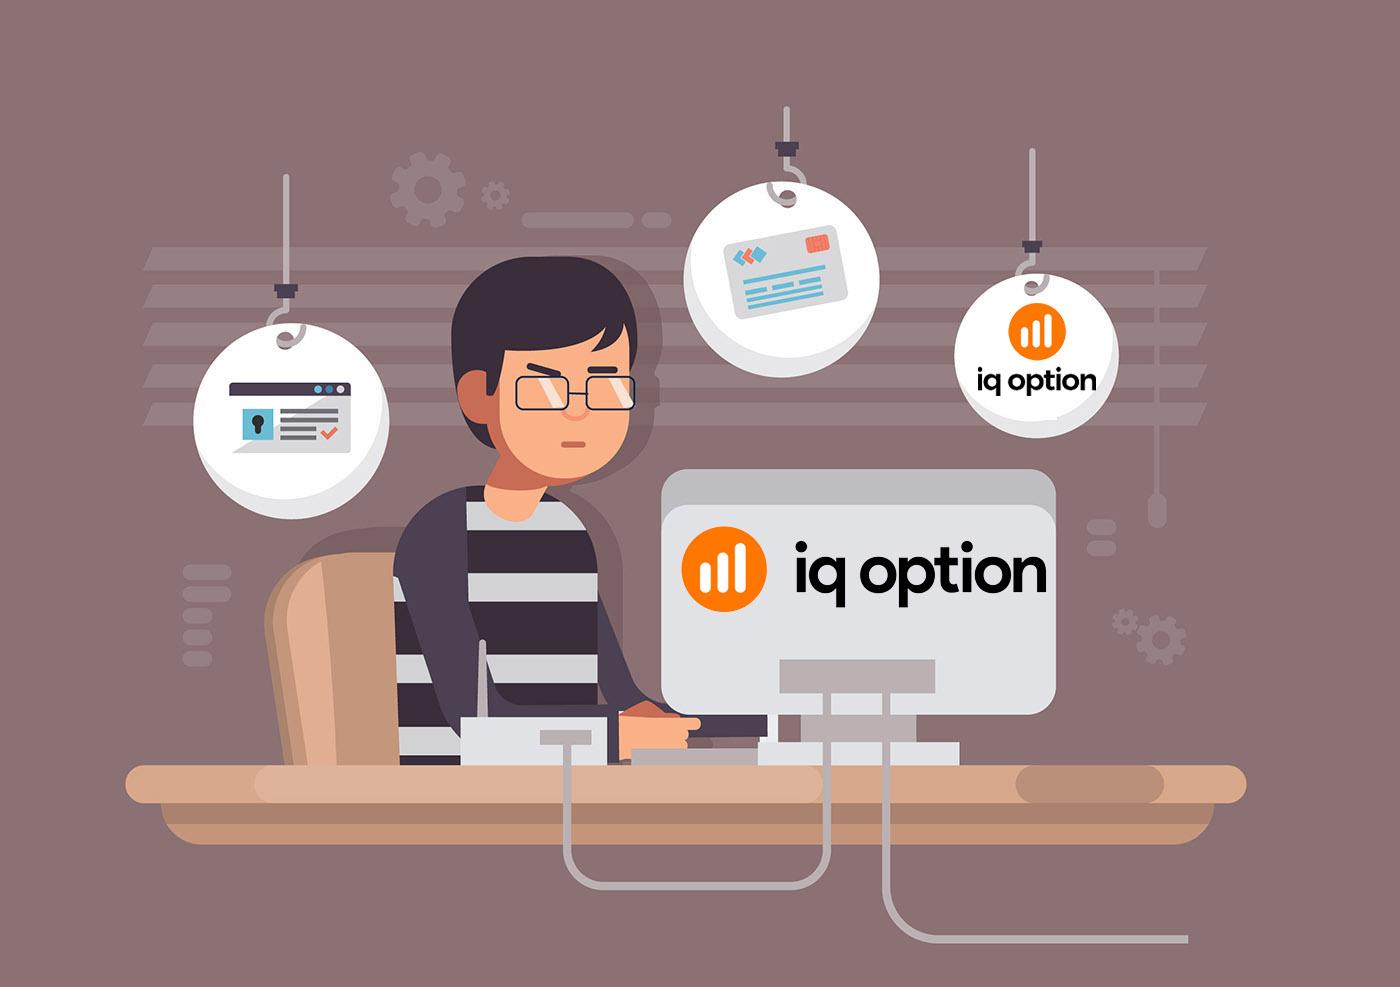 كيفية فتح حساب وتسجيل الدخول إلى IQ Option